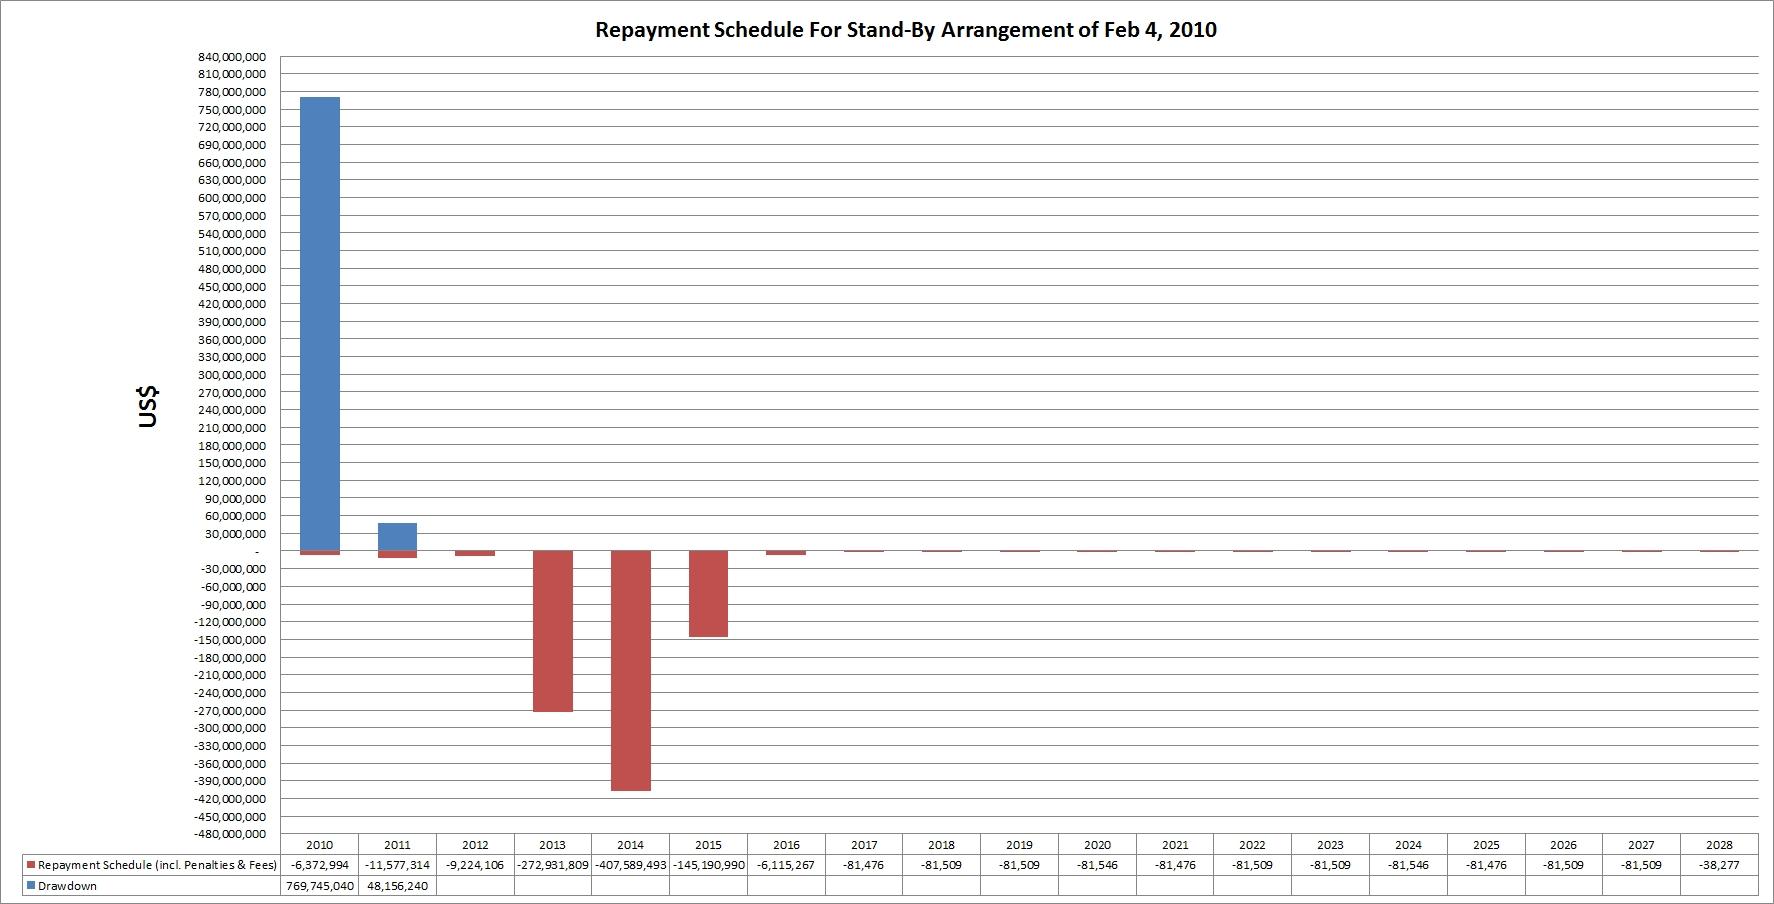 IMF_repayment_schedule_2010SBA